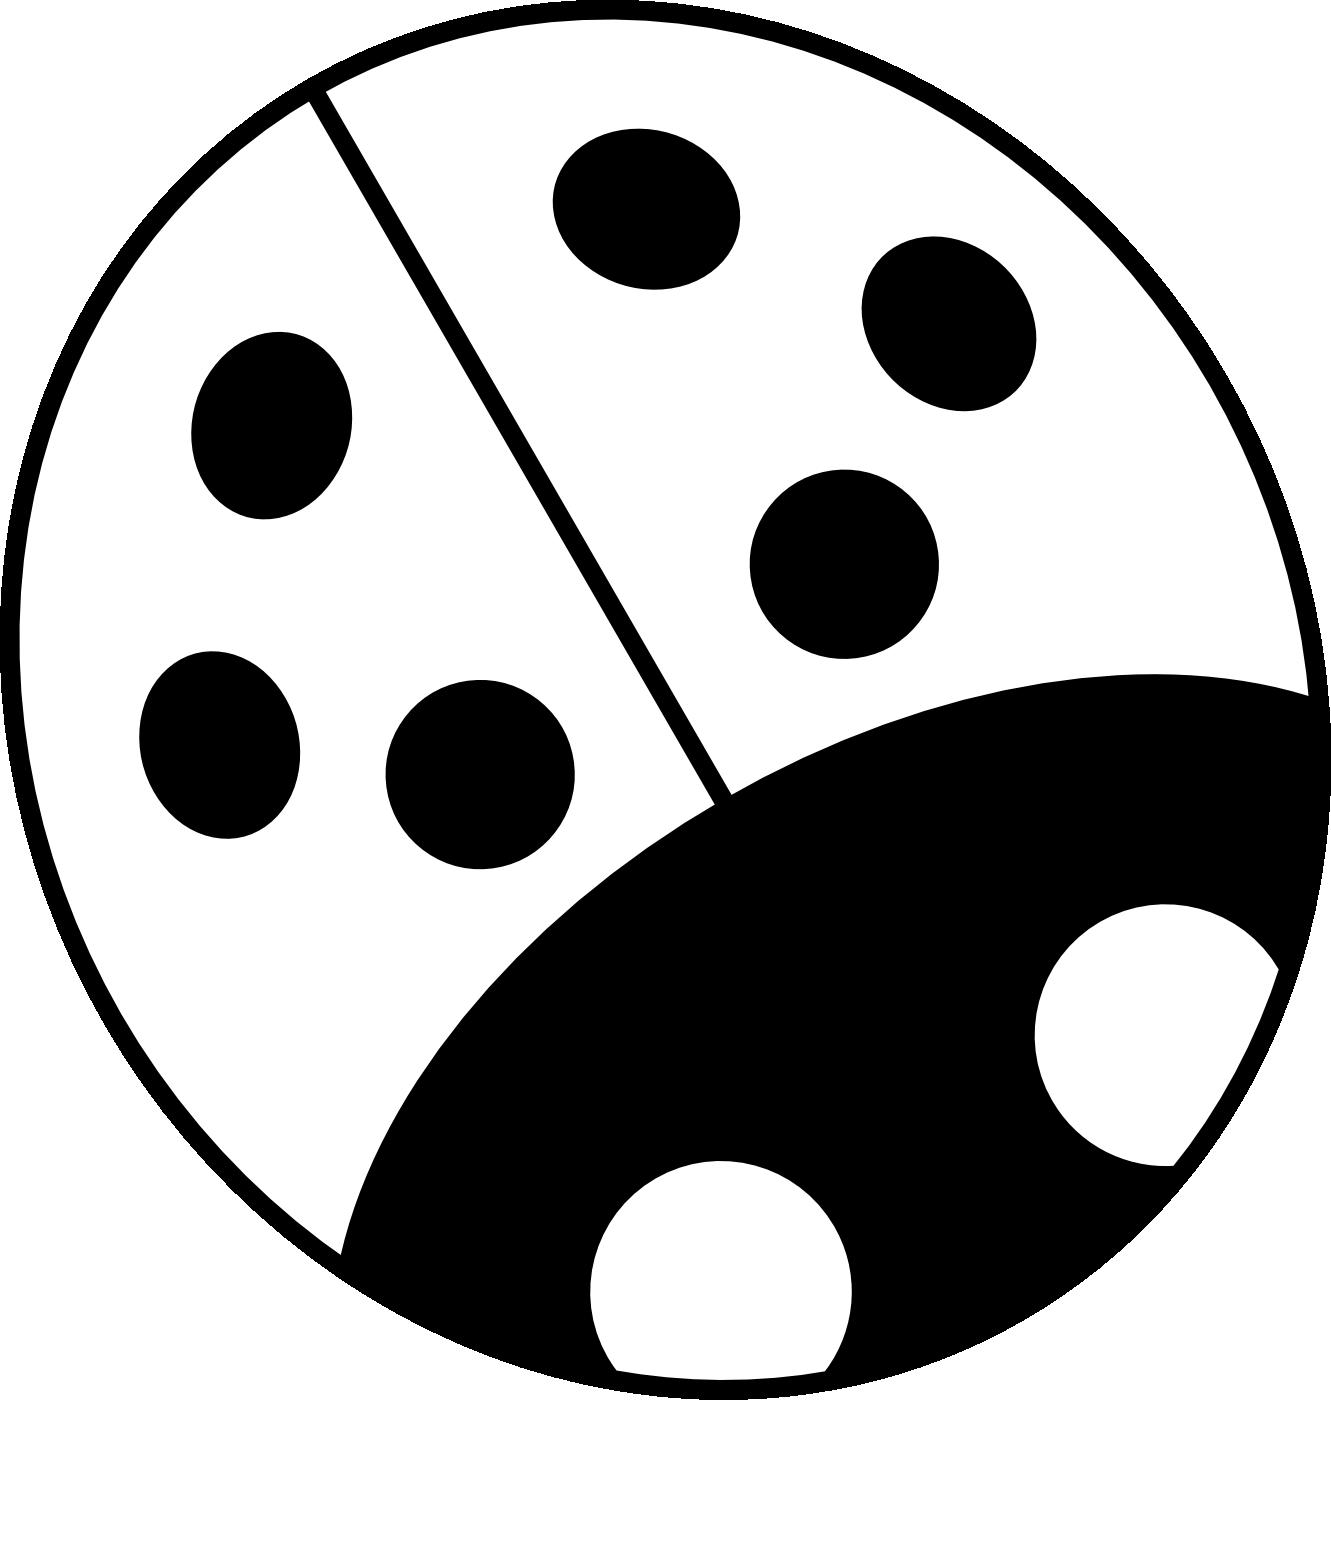 1331x1550 Ladybug Outline Ladybug Black And White Clipart 2